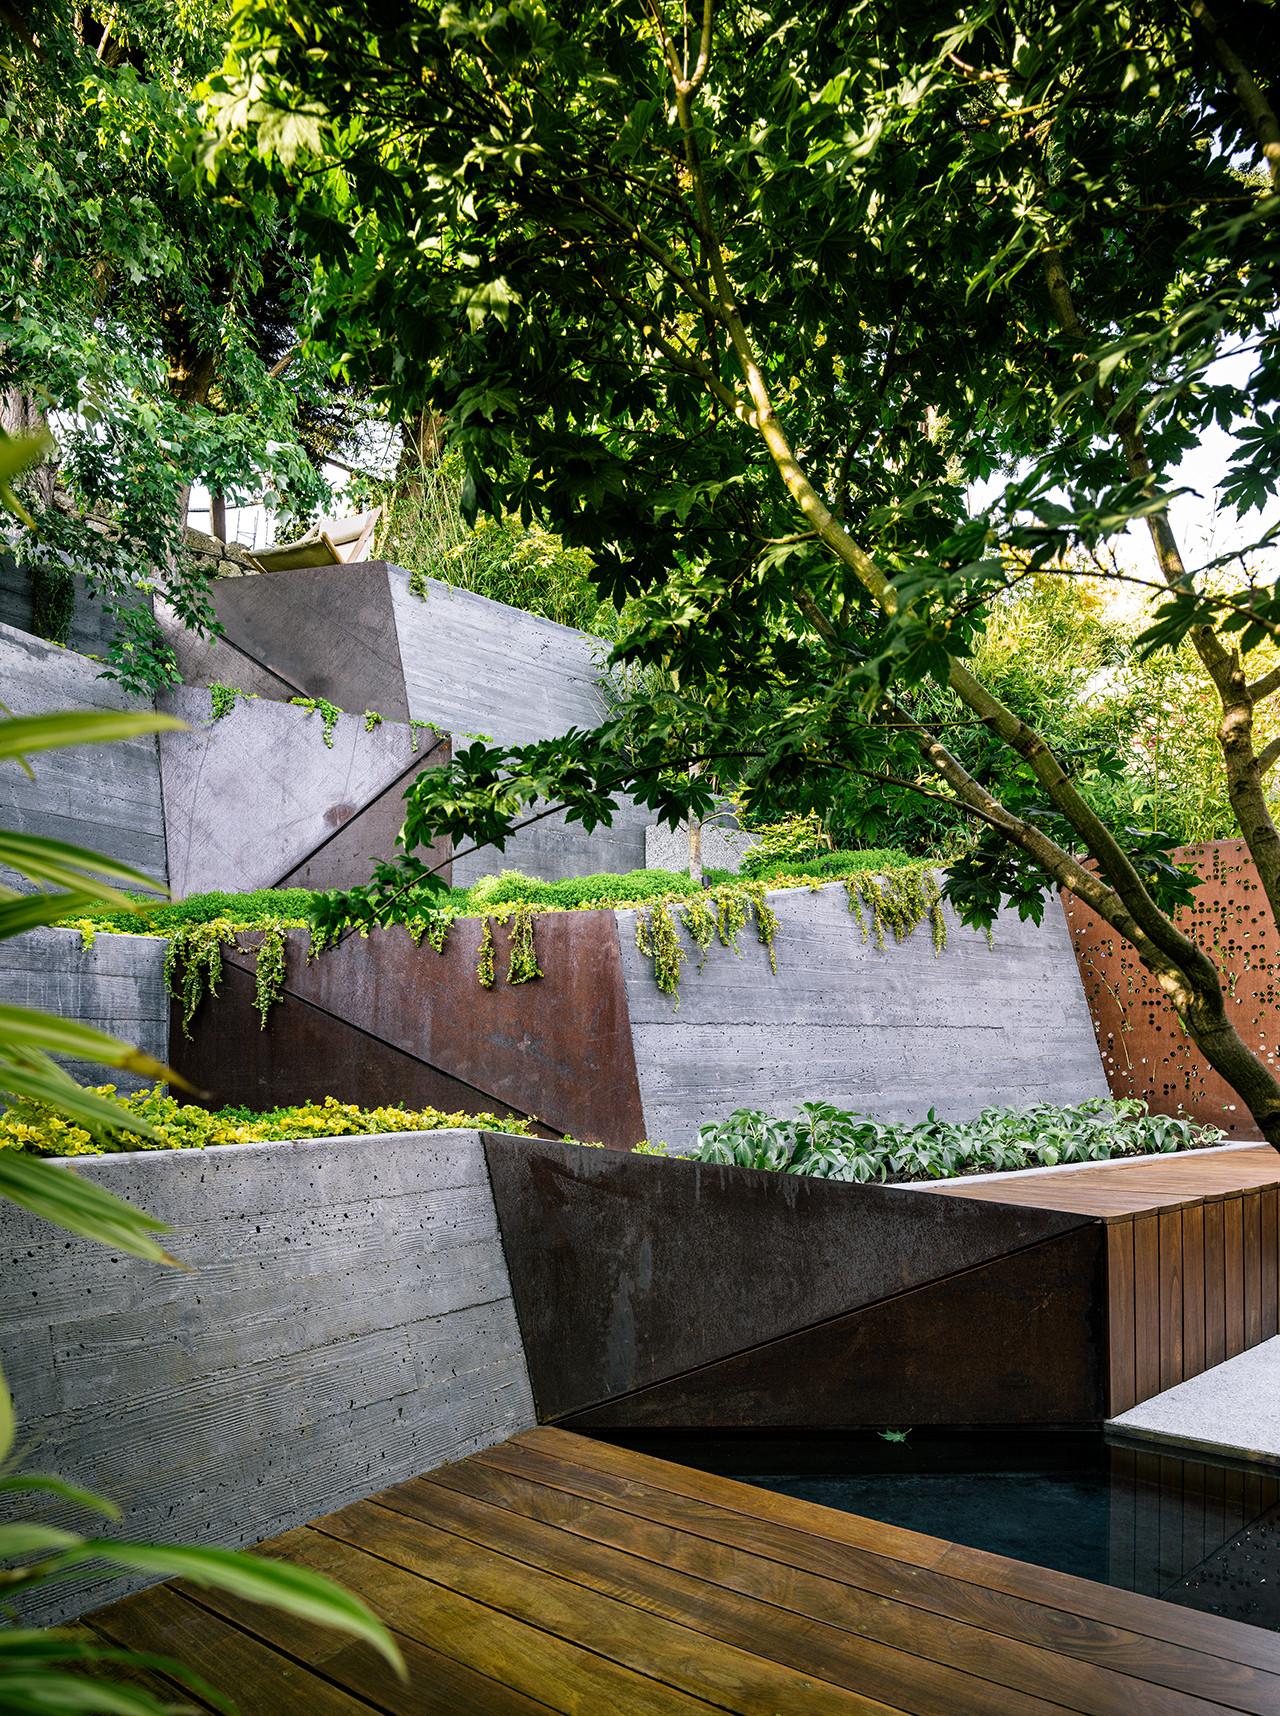 Galer a de arquitectura y paisaje hilgard garden una - Jardin en terraza pequena ...